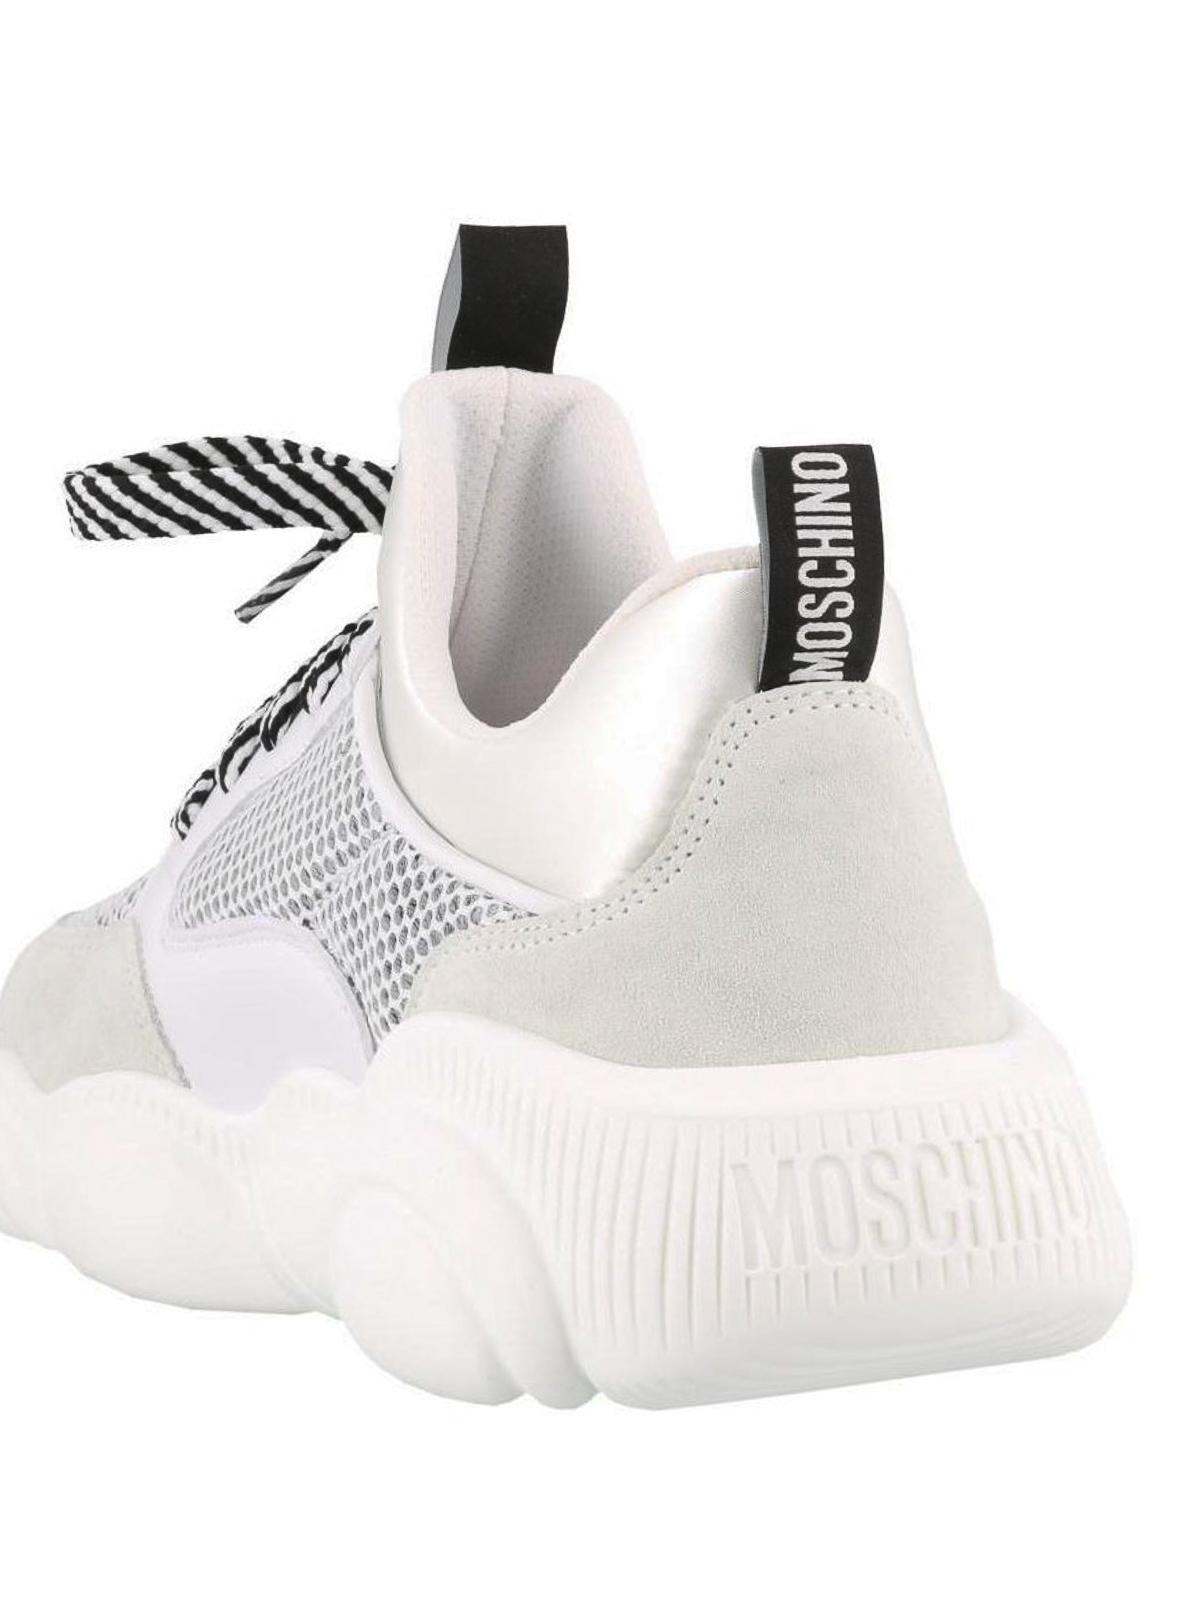 Moschino - Teddy Run white sneakers